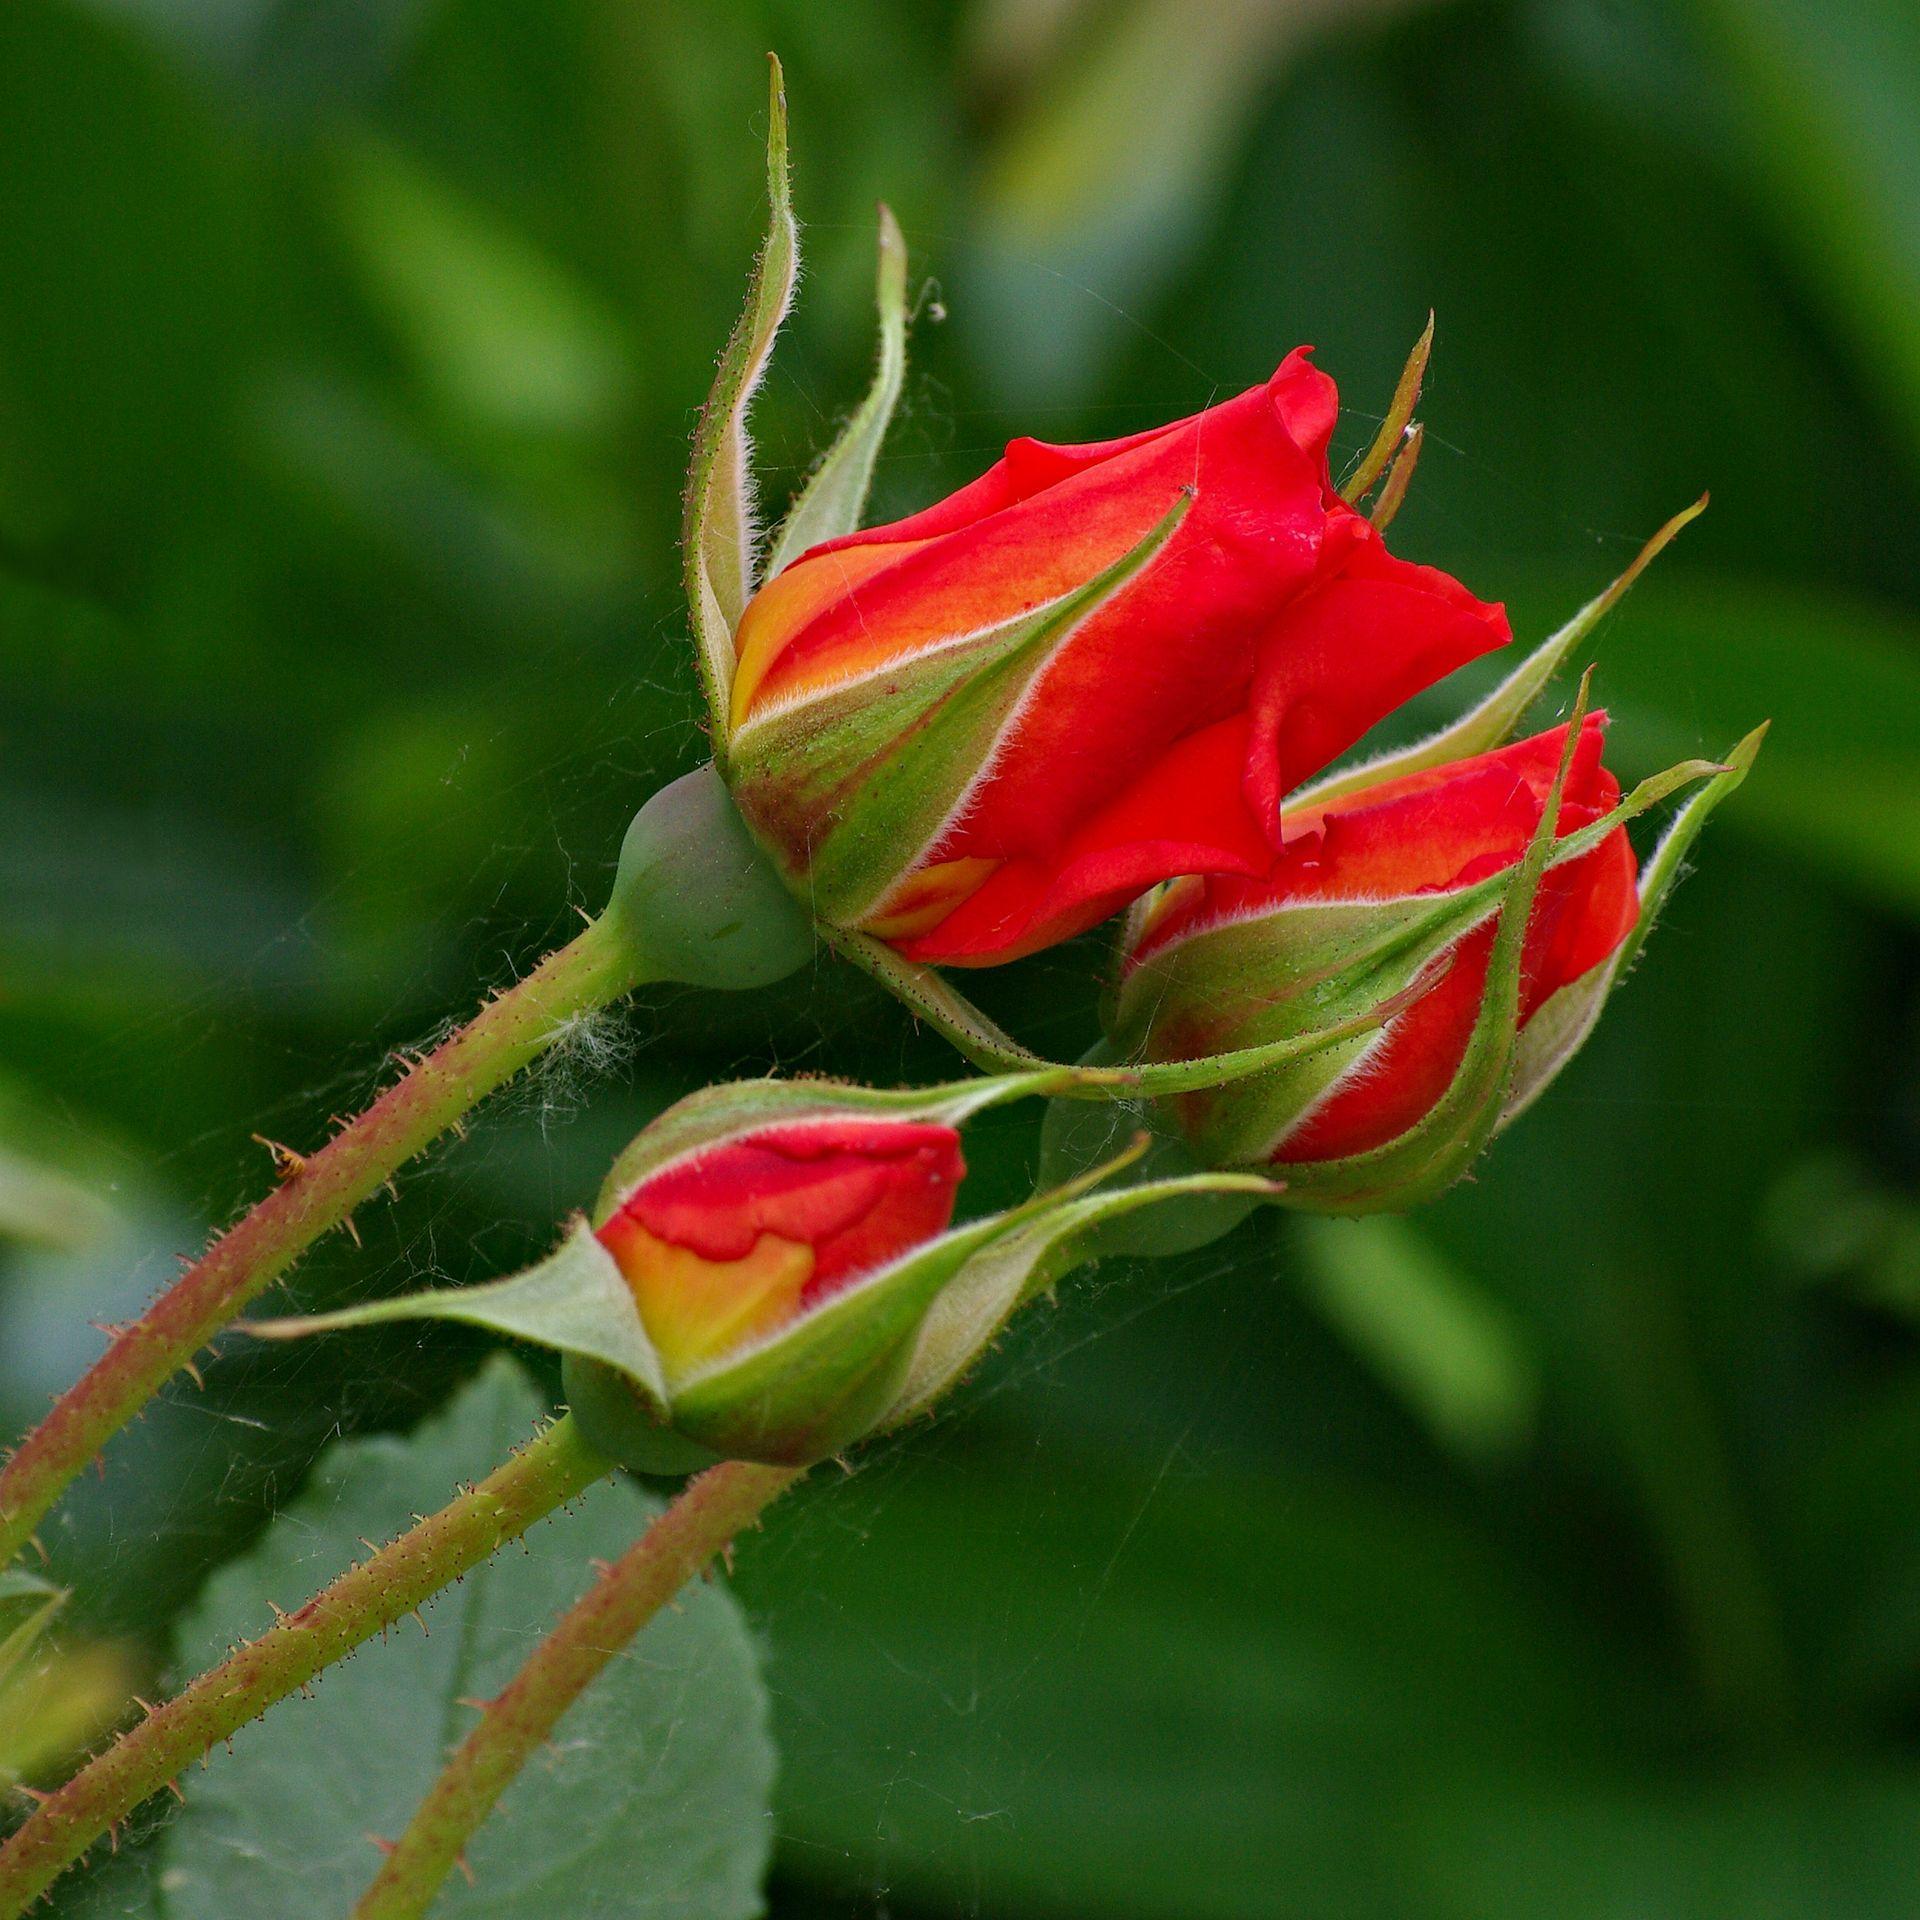 Rosier — Wikipédia Roses rouges, Rosier, Rose